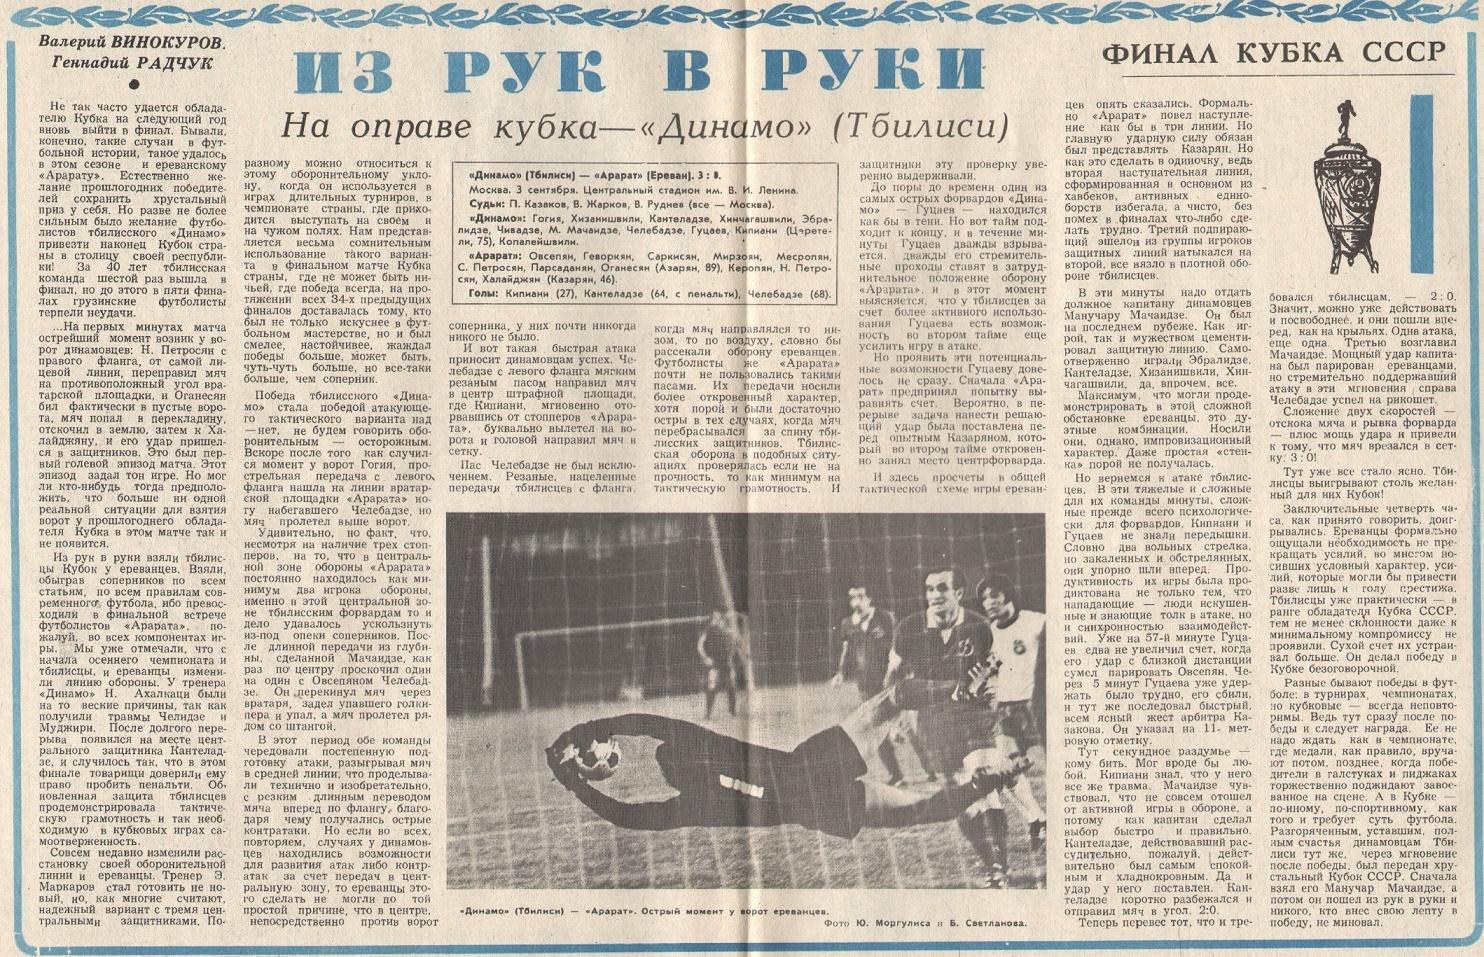 Динамо (Тбилиси) - Арарат (Ереван) 3:0. Нажмите, чтобы посмотреть истинный размер рисунка